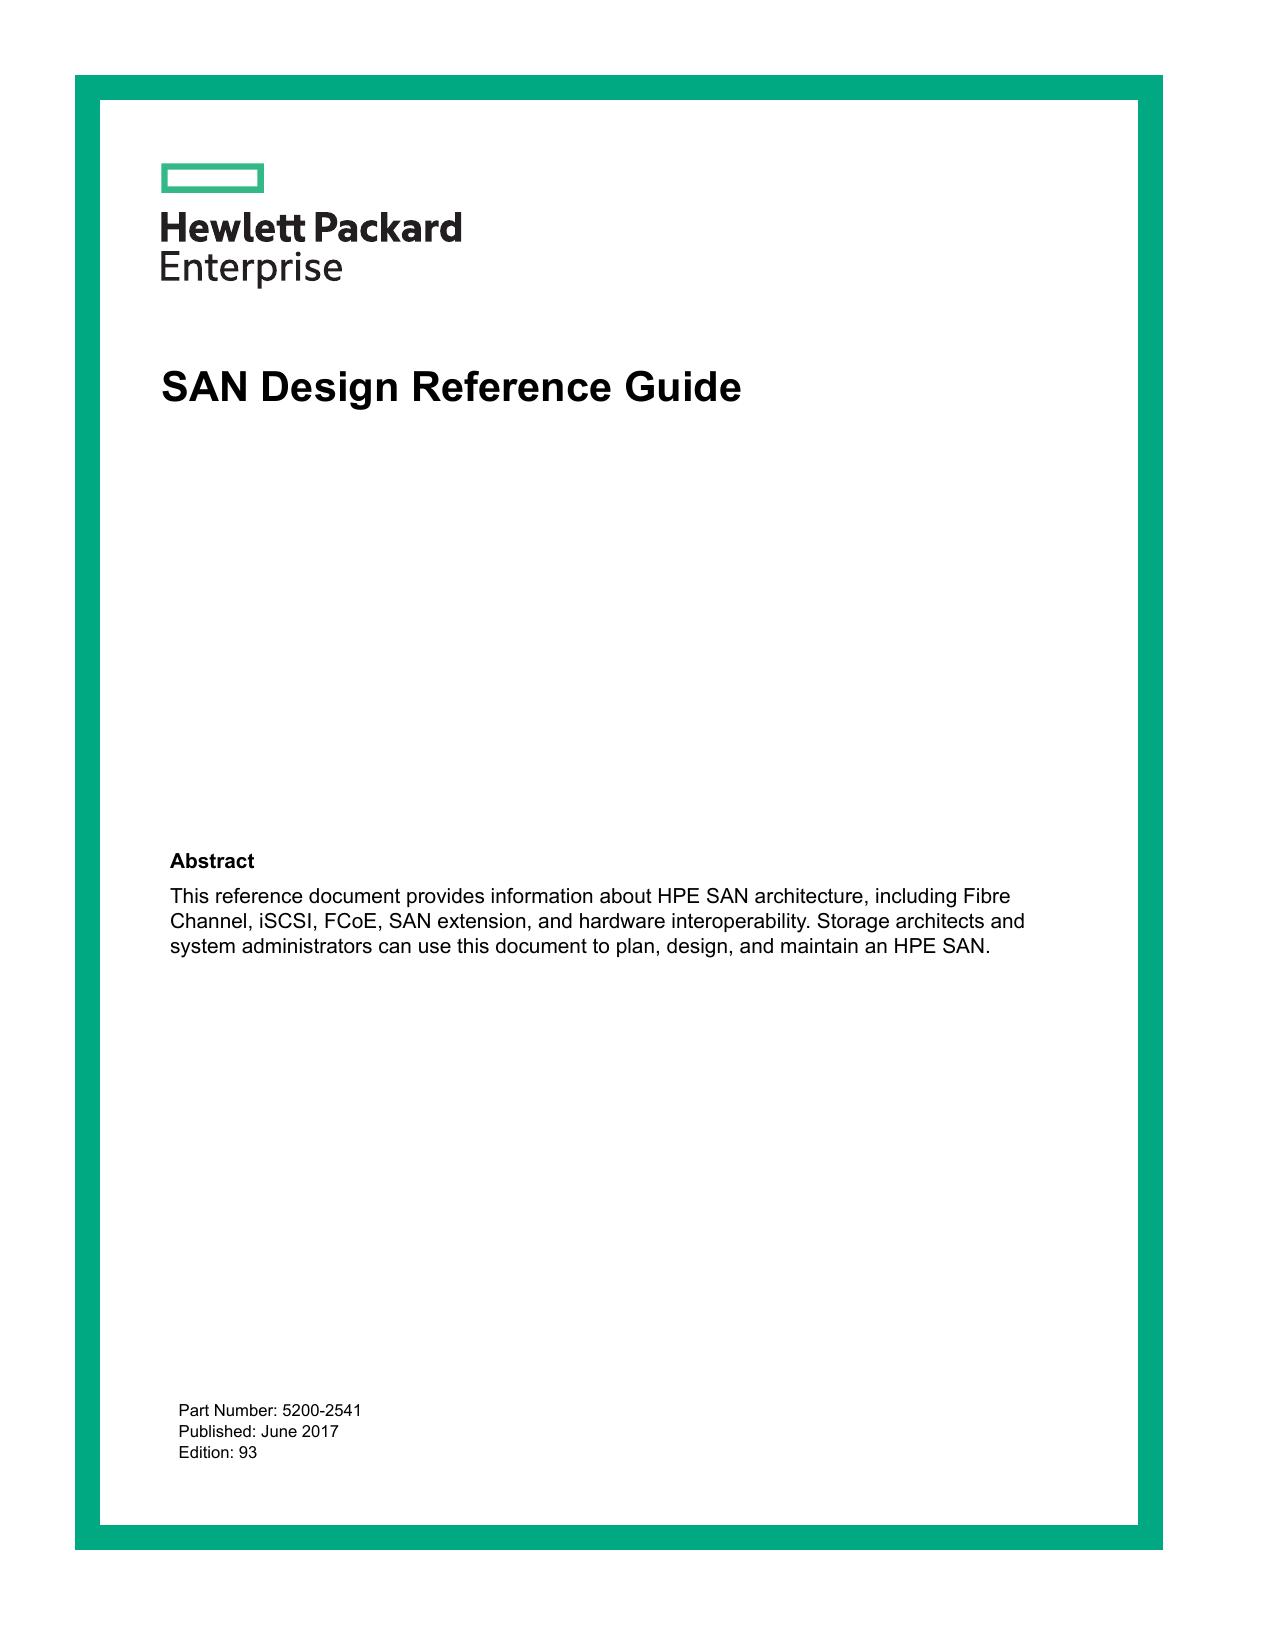 SAN Design Reference Guide | manualzz com